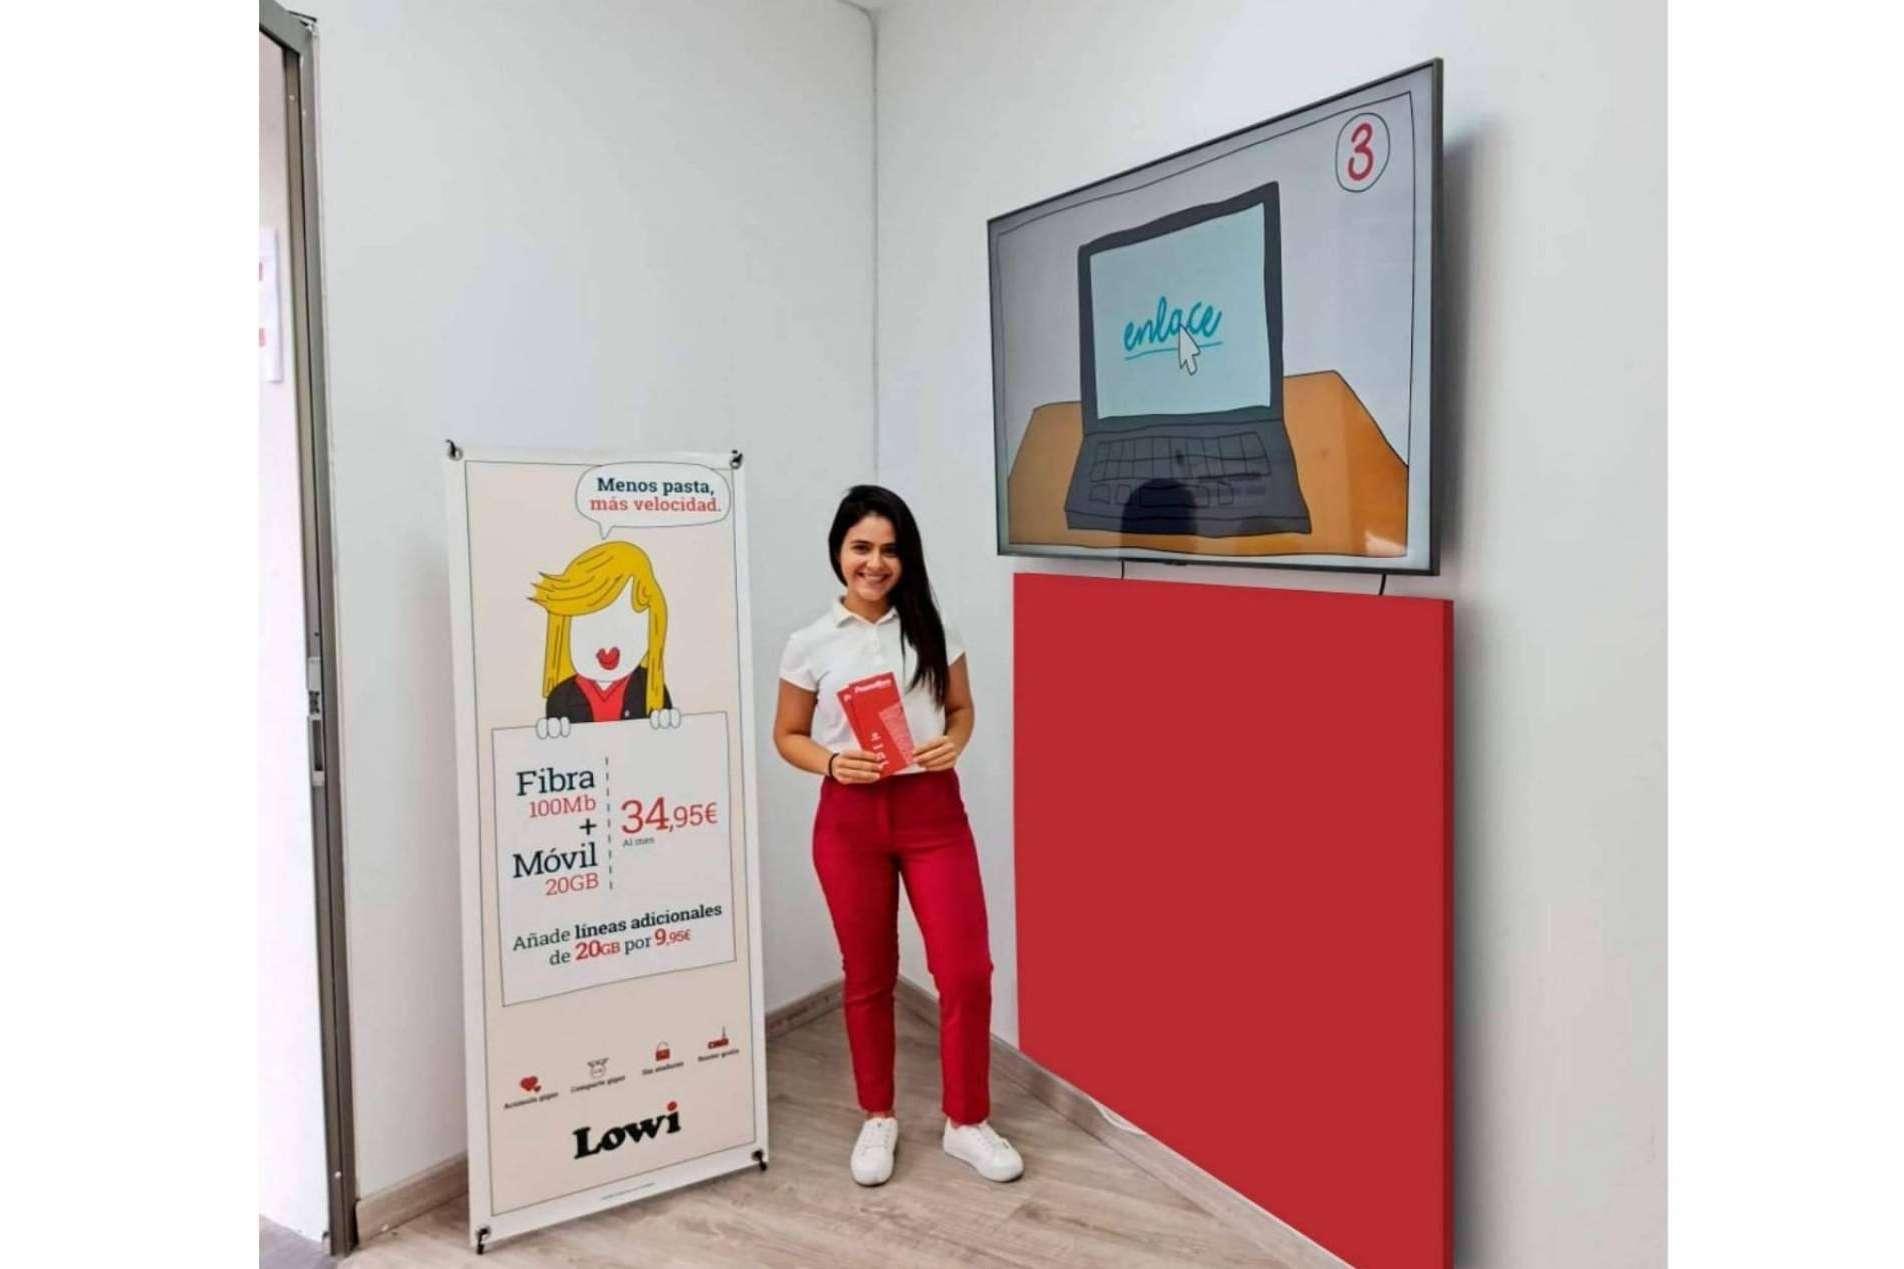 La empresa de telecomunicaciones Promofibra busca interesados con vocación comercial para abrir nuevas franquicias